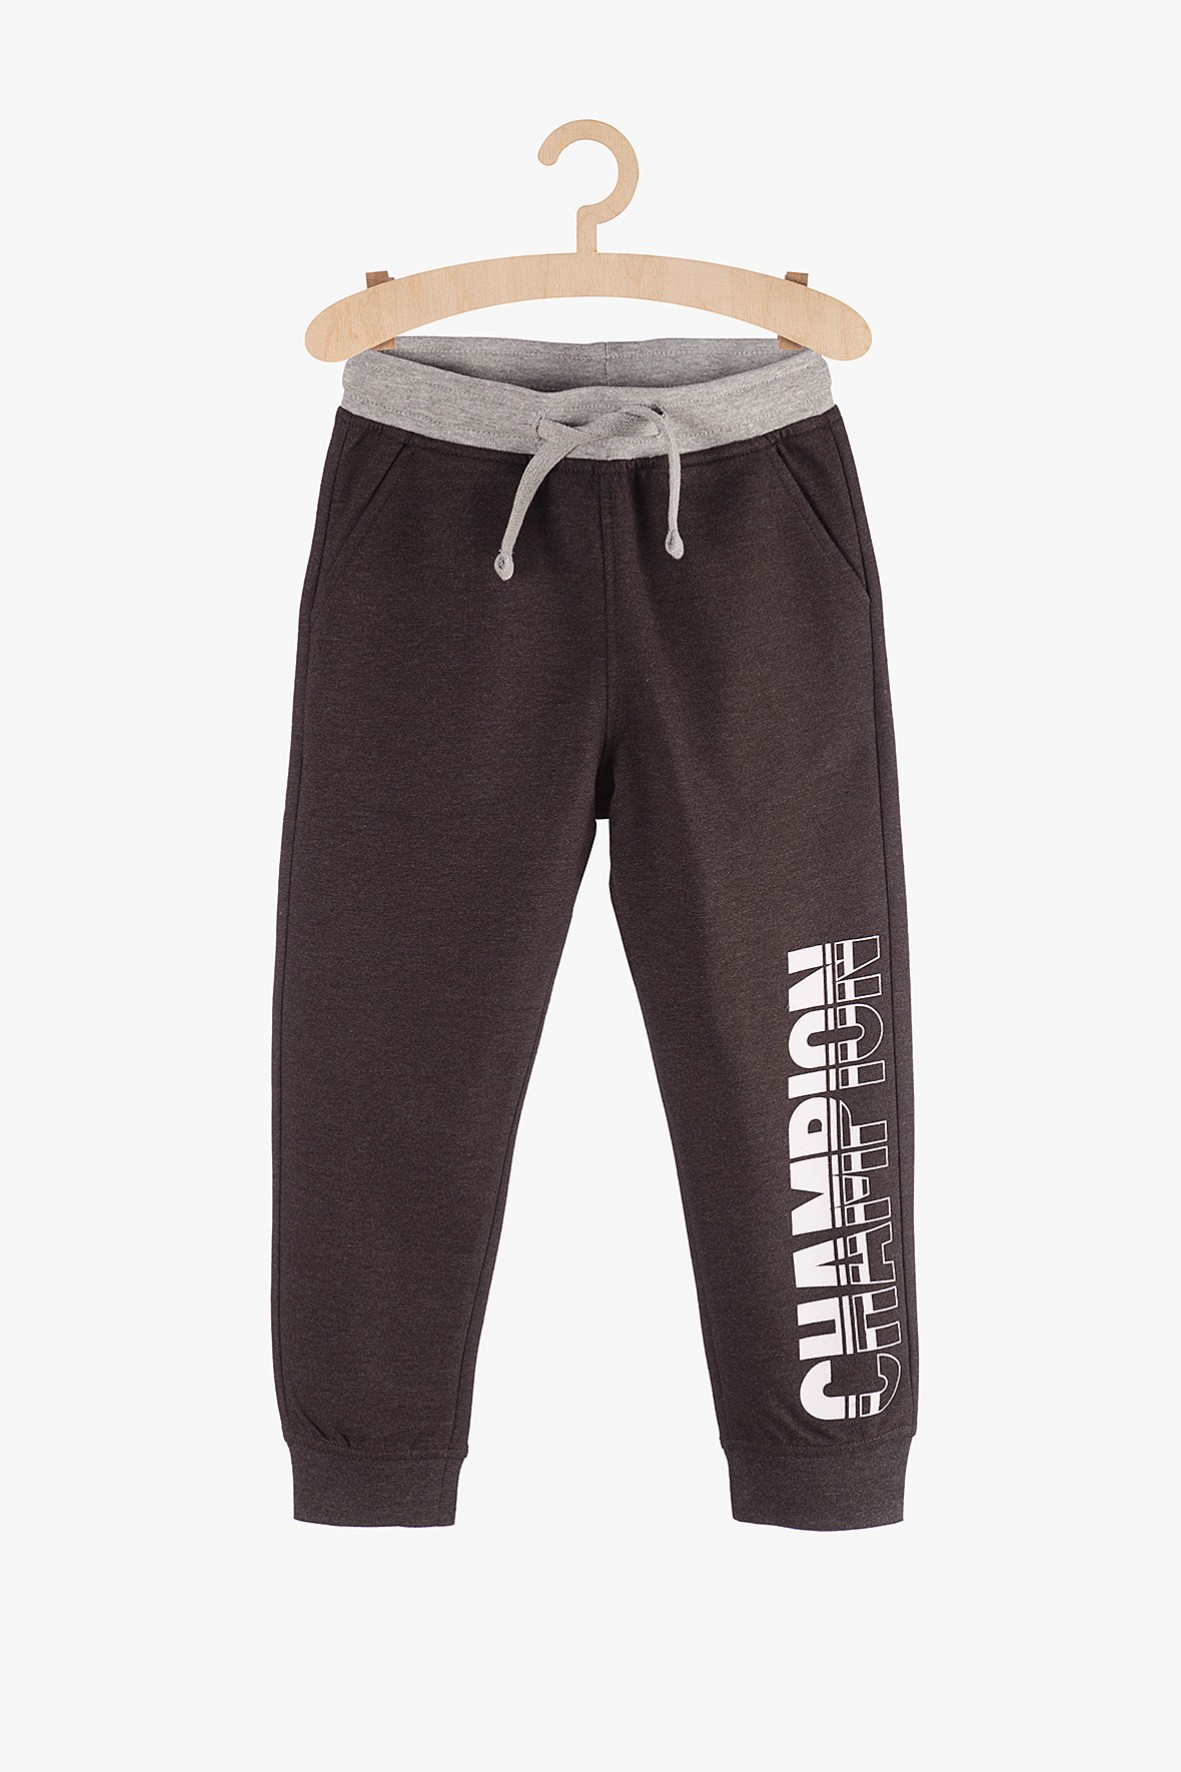 Spodnie chłopięce czarne z napisem Champion